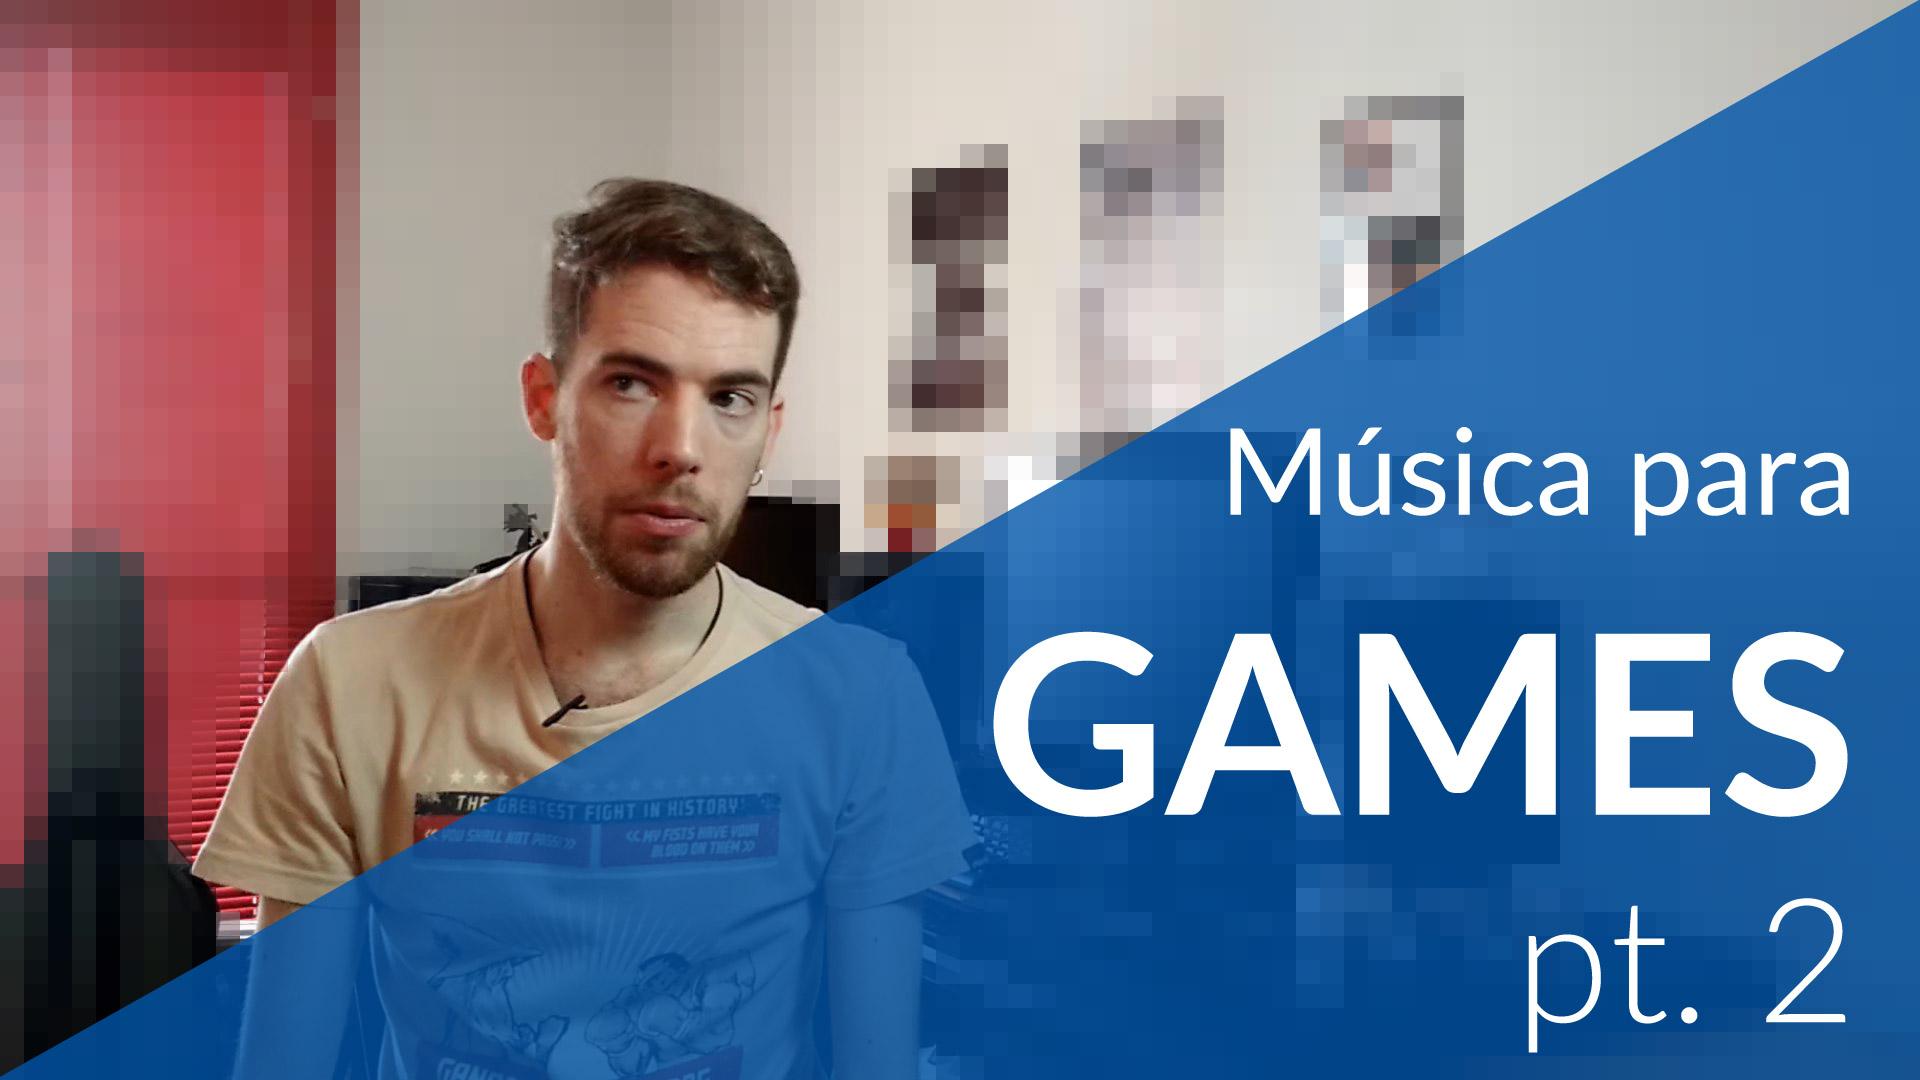 Músicas de games, parte 2